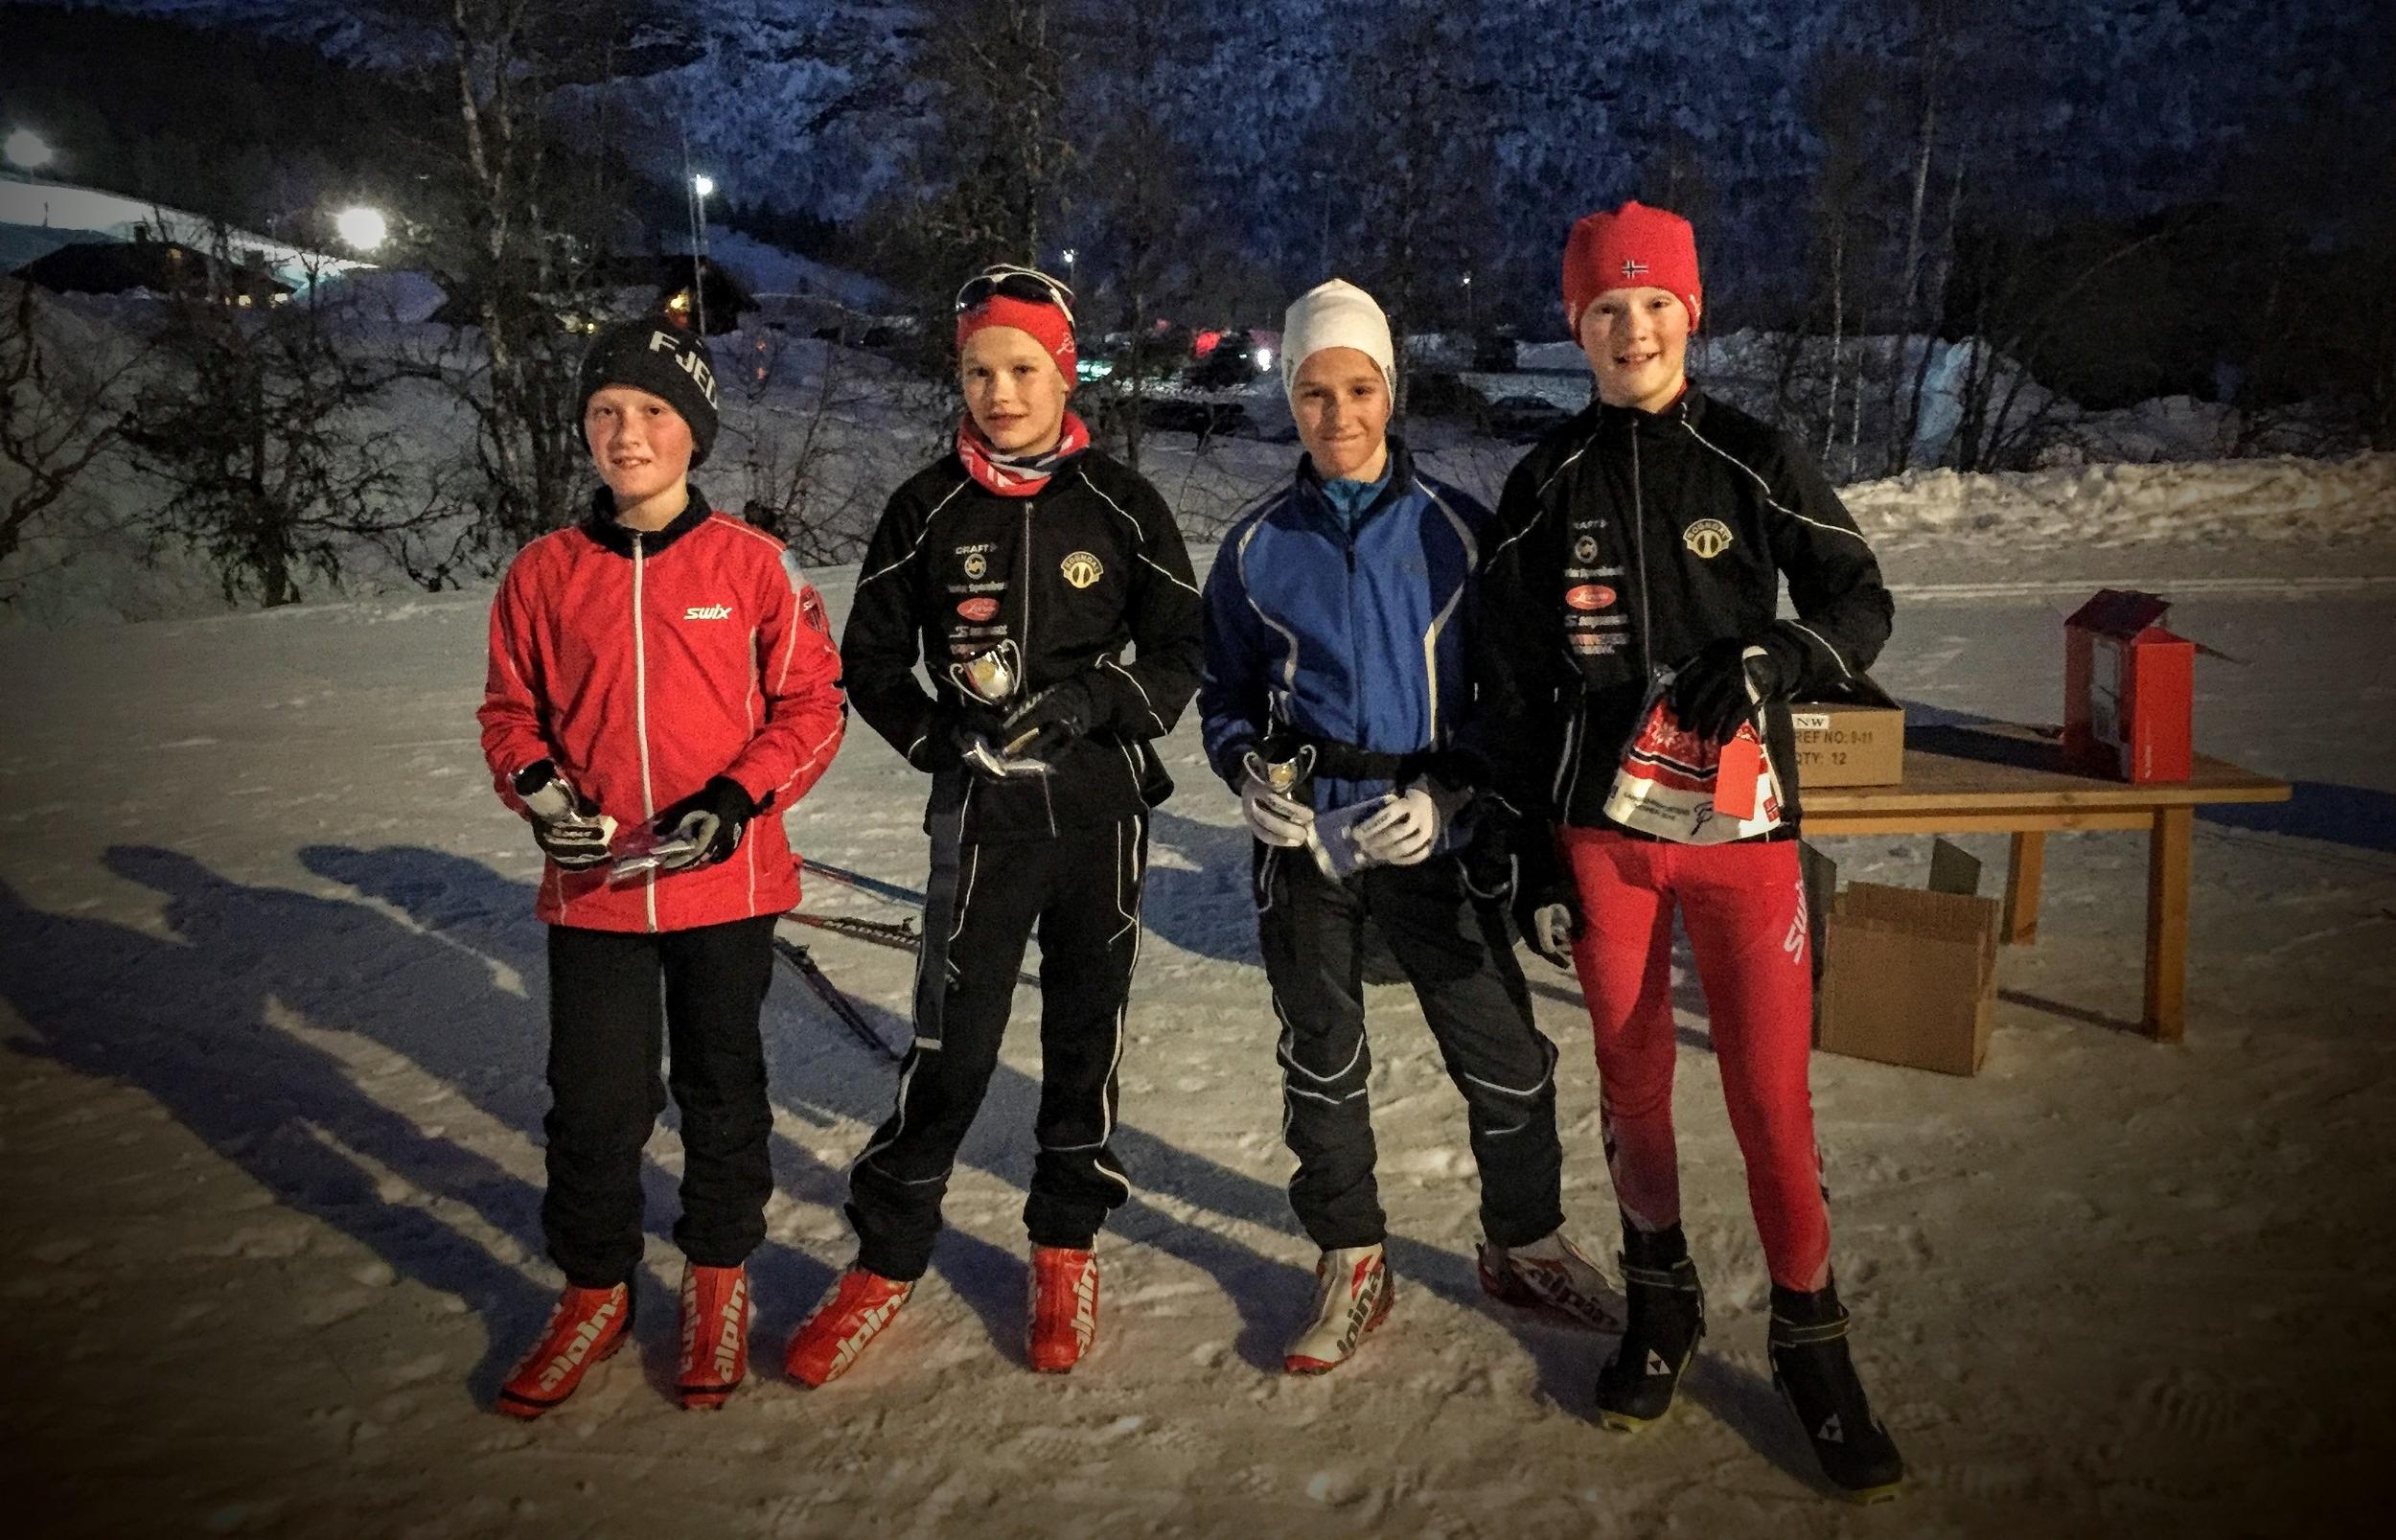 Gutter 14 er fornøyde etter godt gjennomført renn